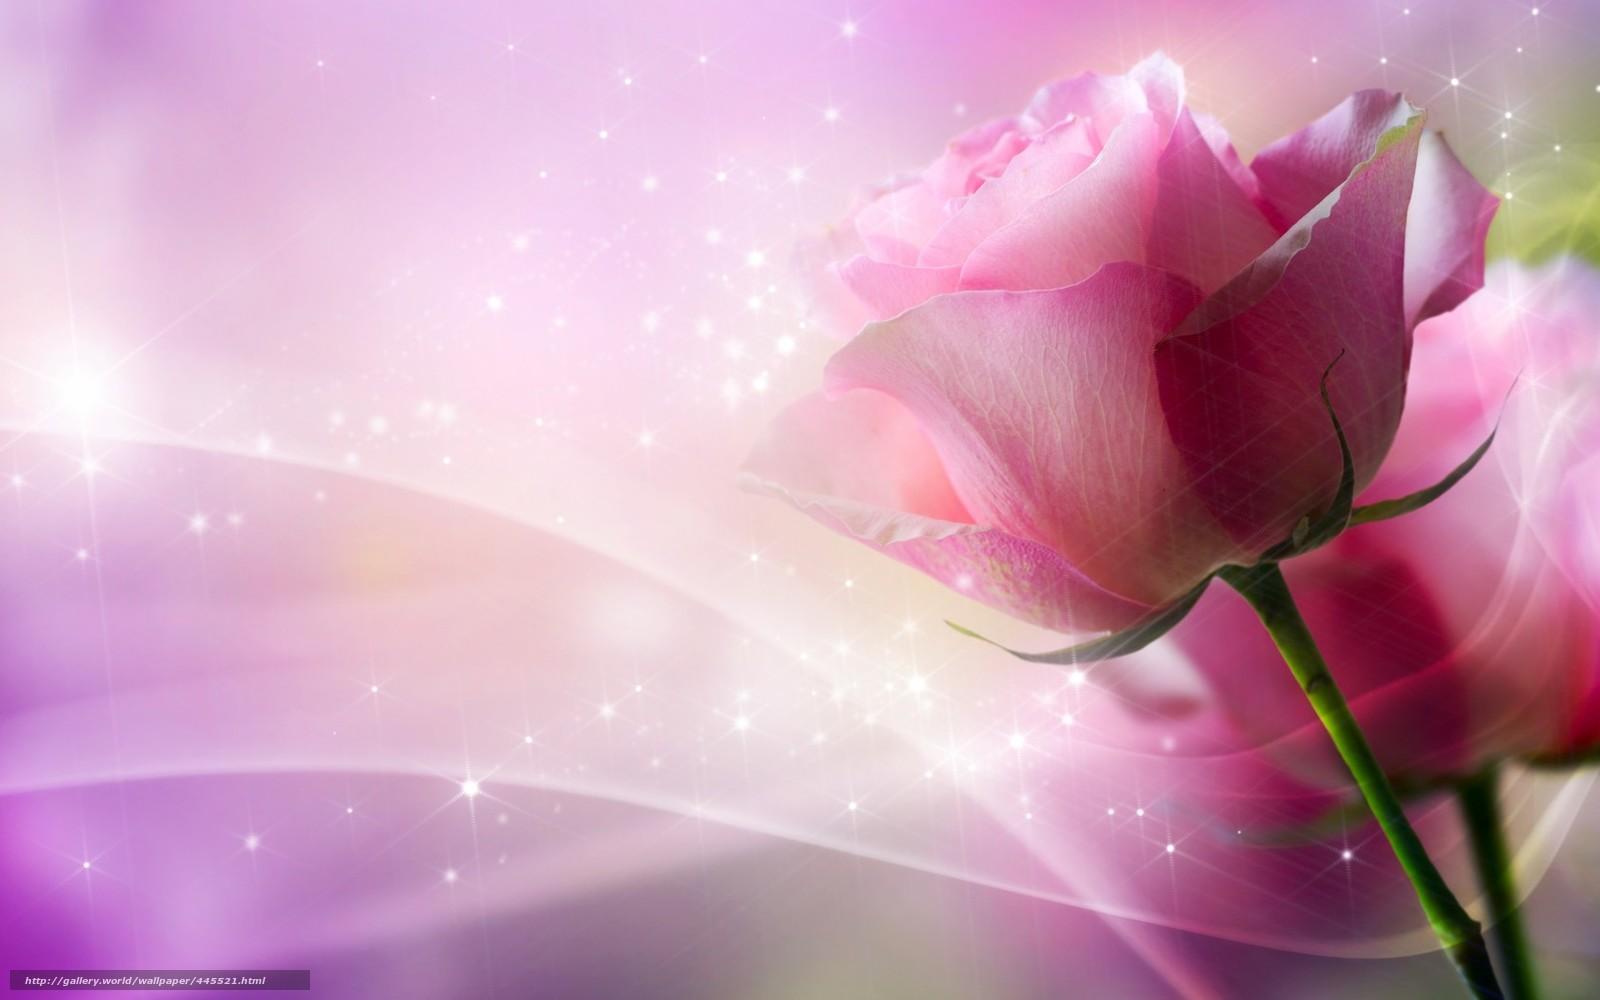 Scaricare gli sfondi fiore rosa curve sfondi gratis per for Immagini per desktop fiori